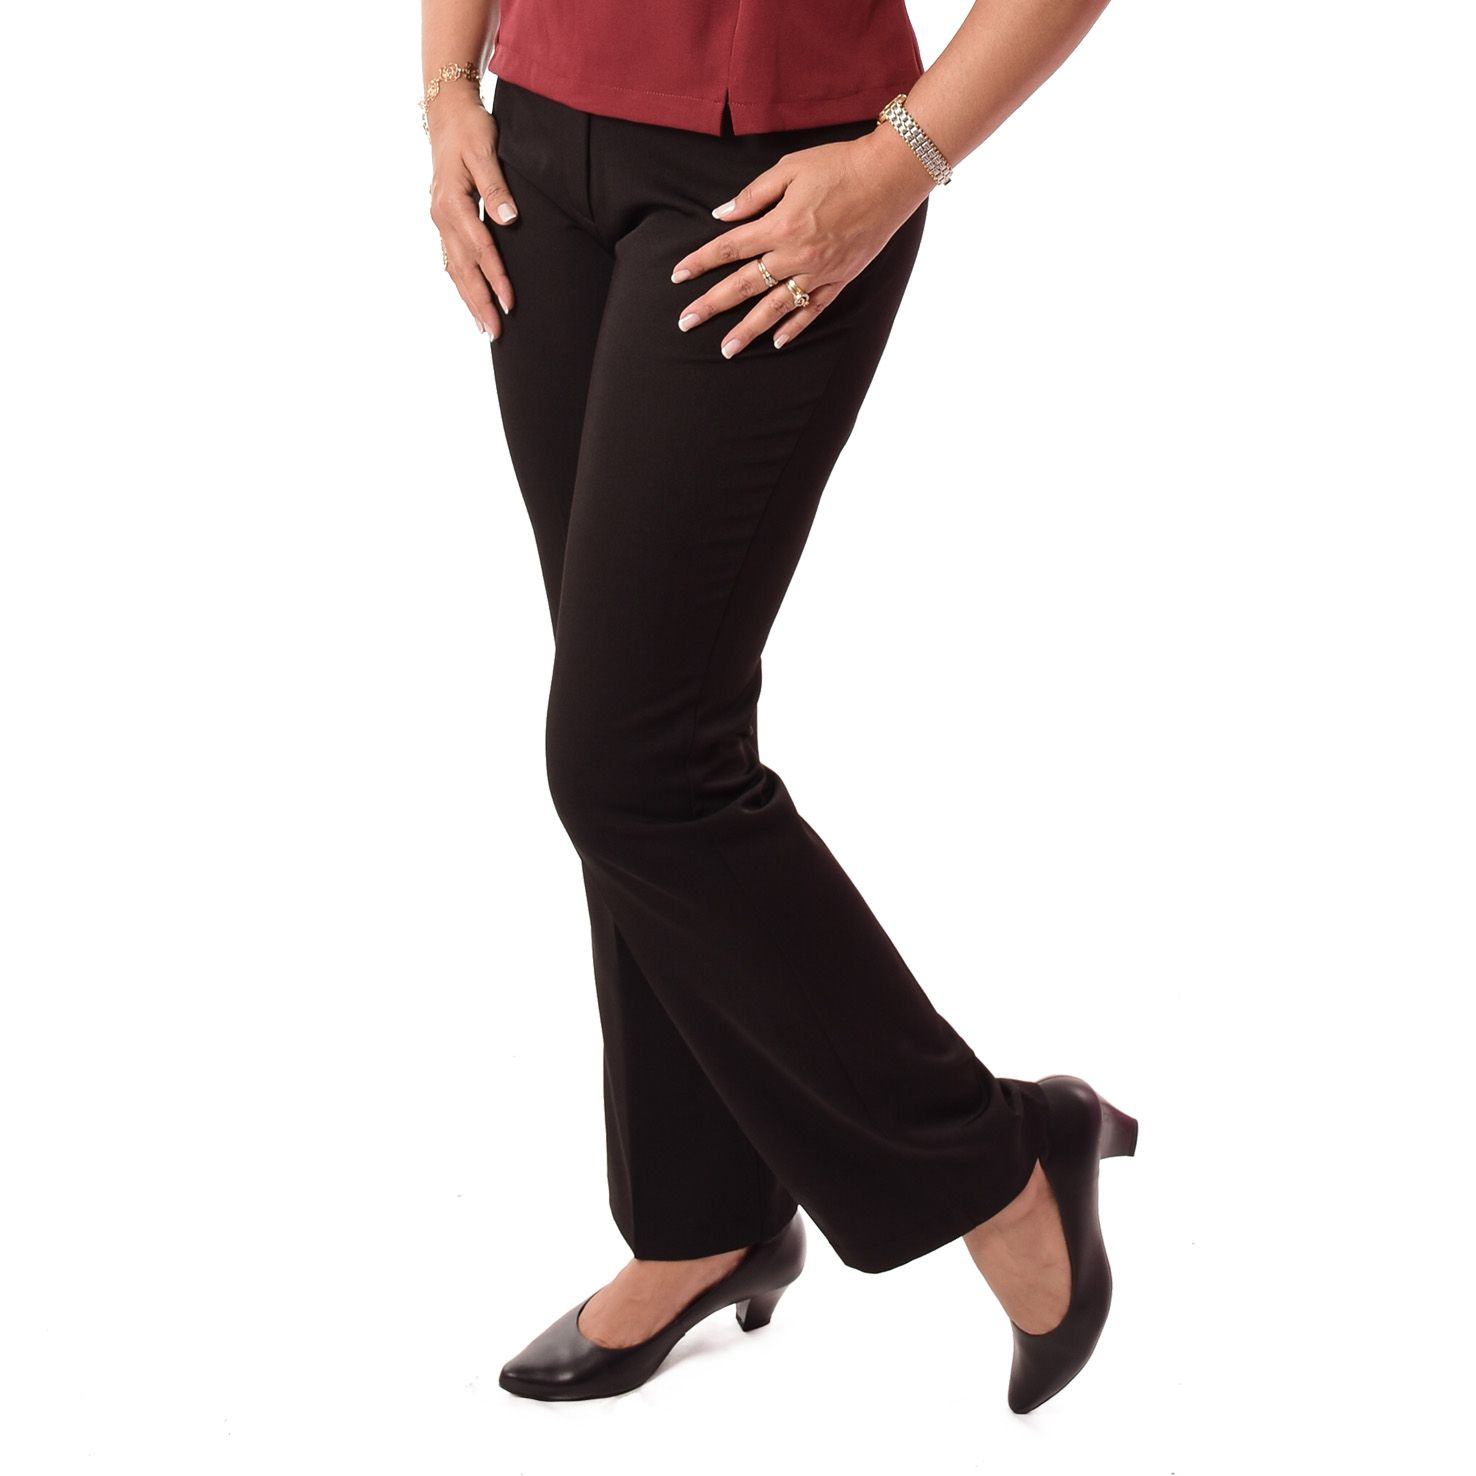 Calça Social Feminina Longa - Tamanhos grandes